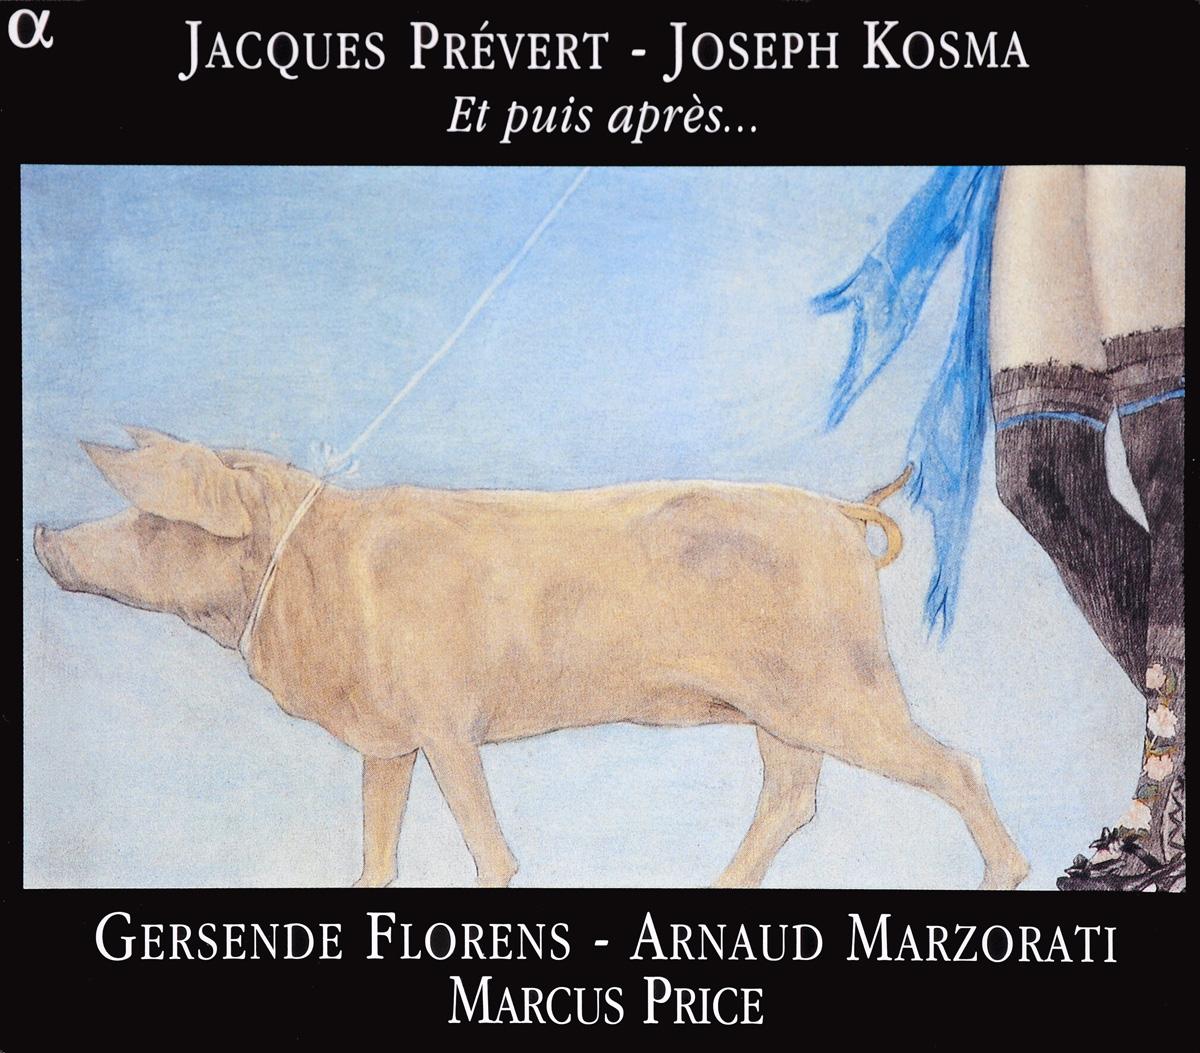 Jacques Prevert - Joseph Kosma - Gersende Florens, Arnaud Marzorati, Marcus Price. Et Puis Apres...